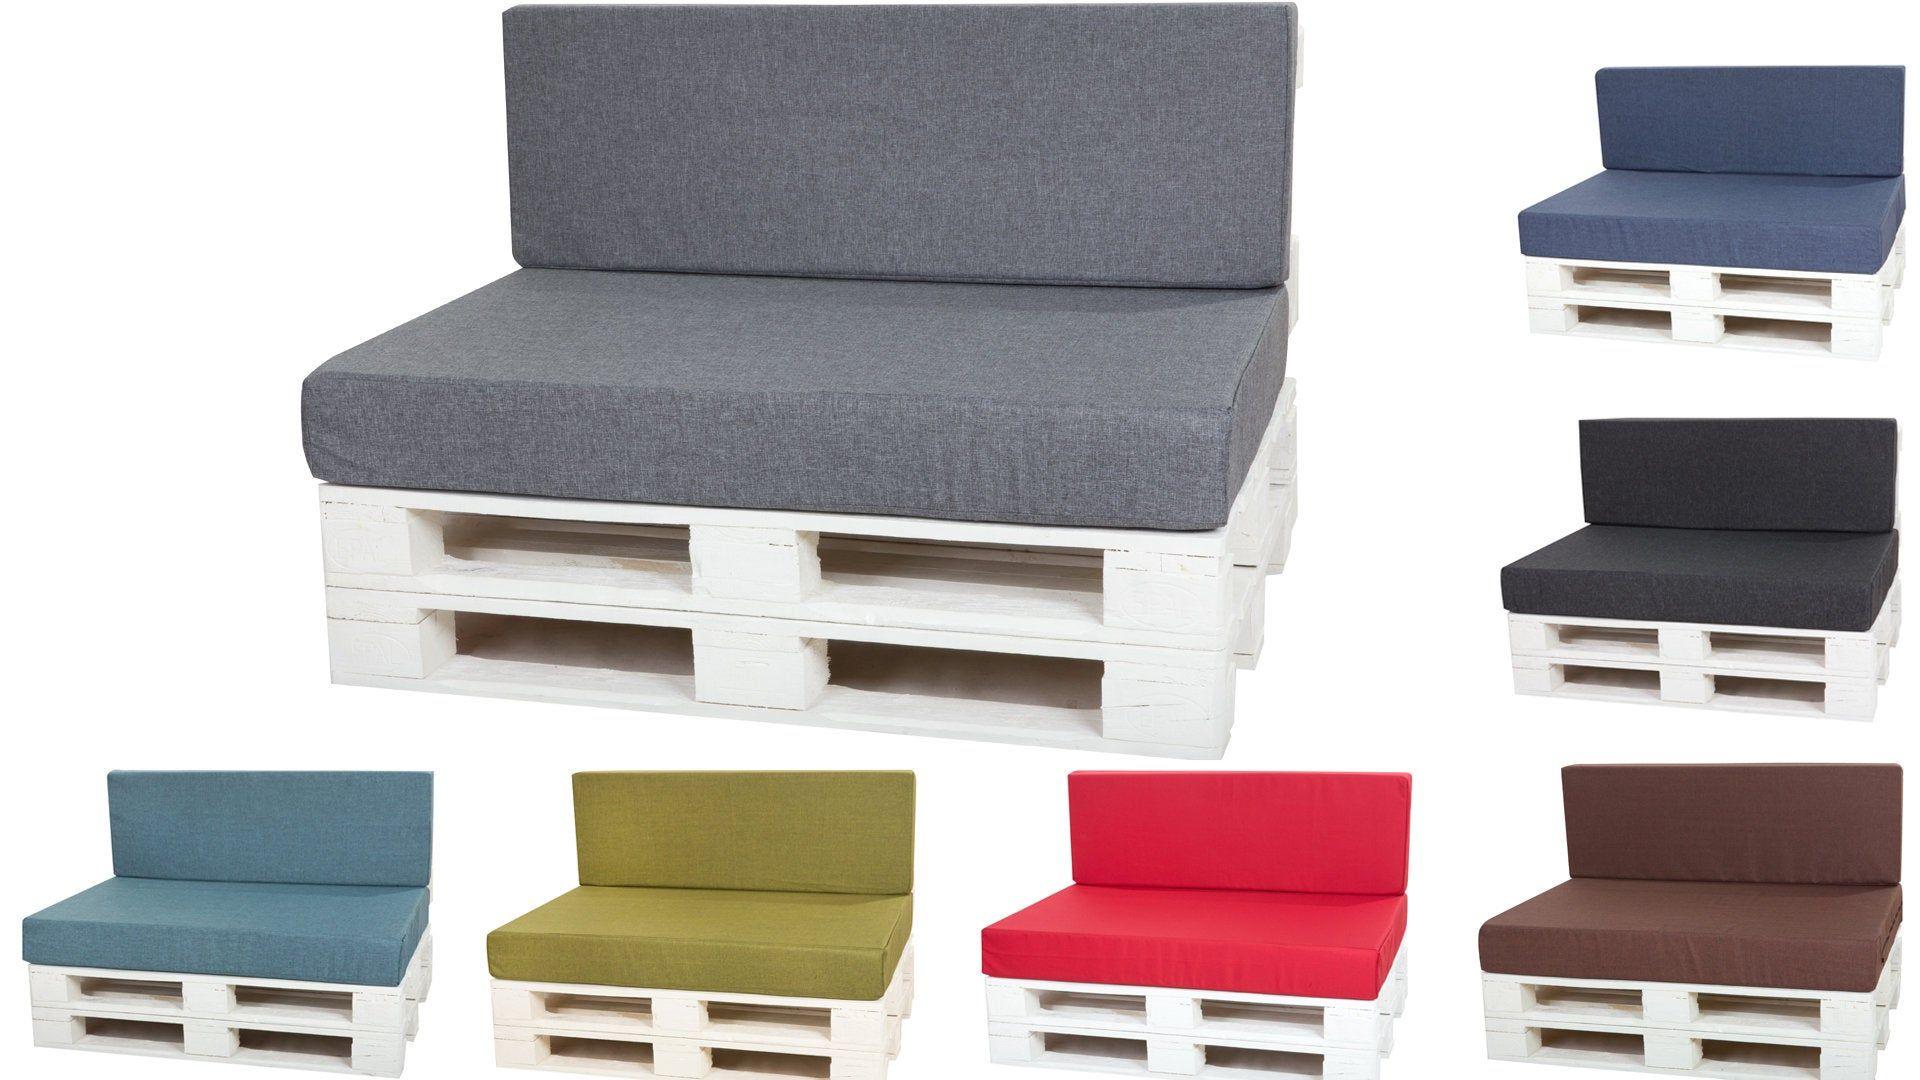 Palettenkissen Auflage Set Für Europaletten Palettenkissen Outdoor Palettenpolster Palettensofa Kissen Mit Vi Pallet Cushions Cushions On Sofa Luxury Cushions